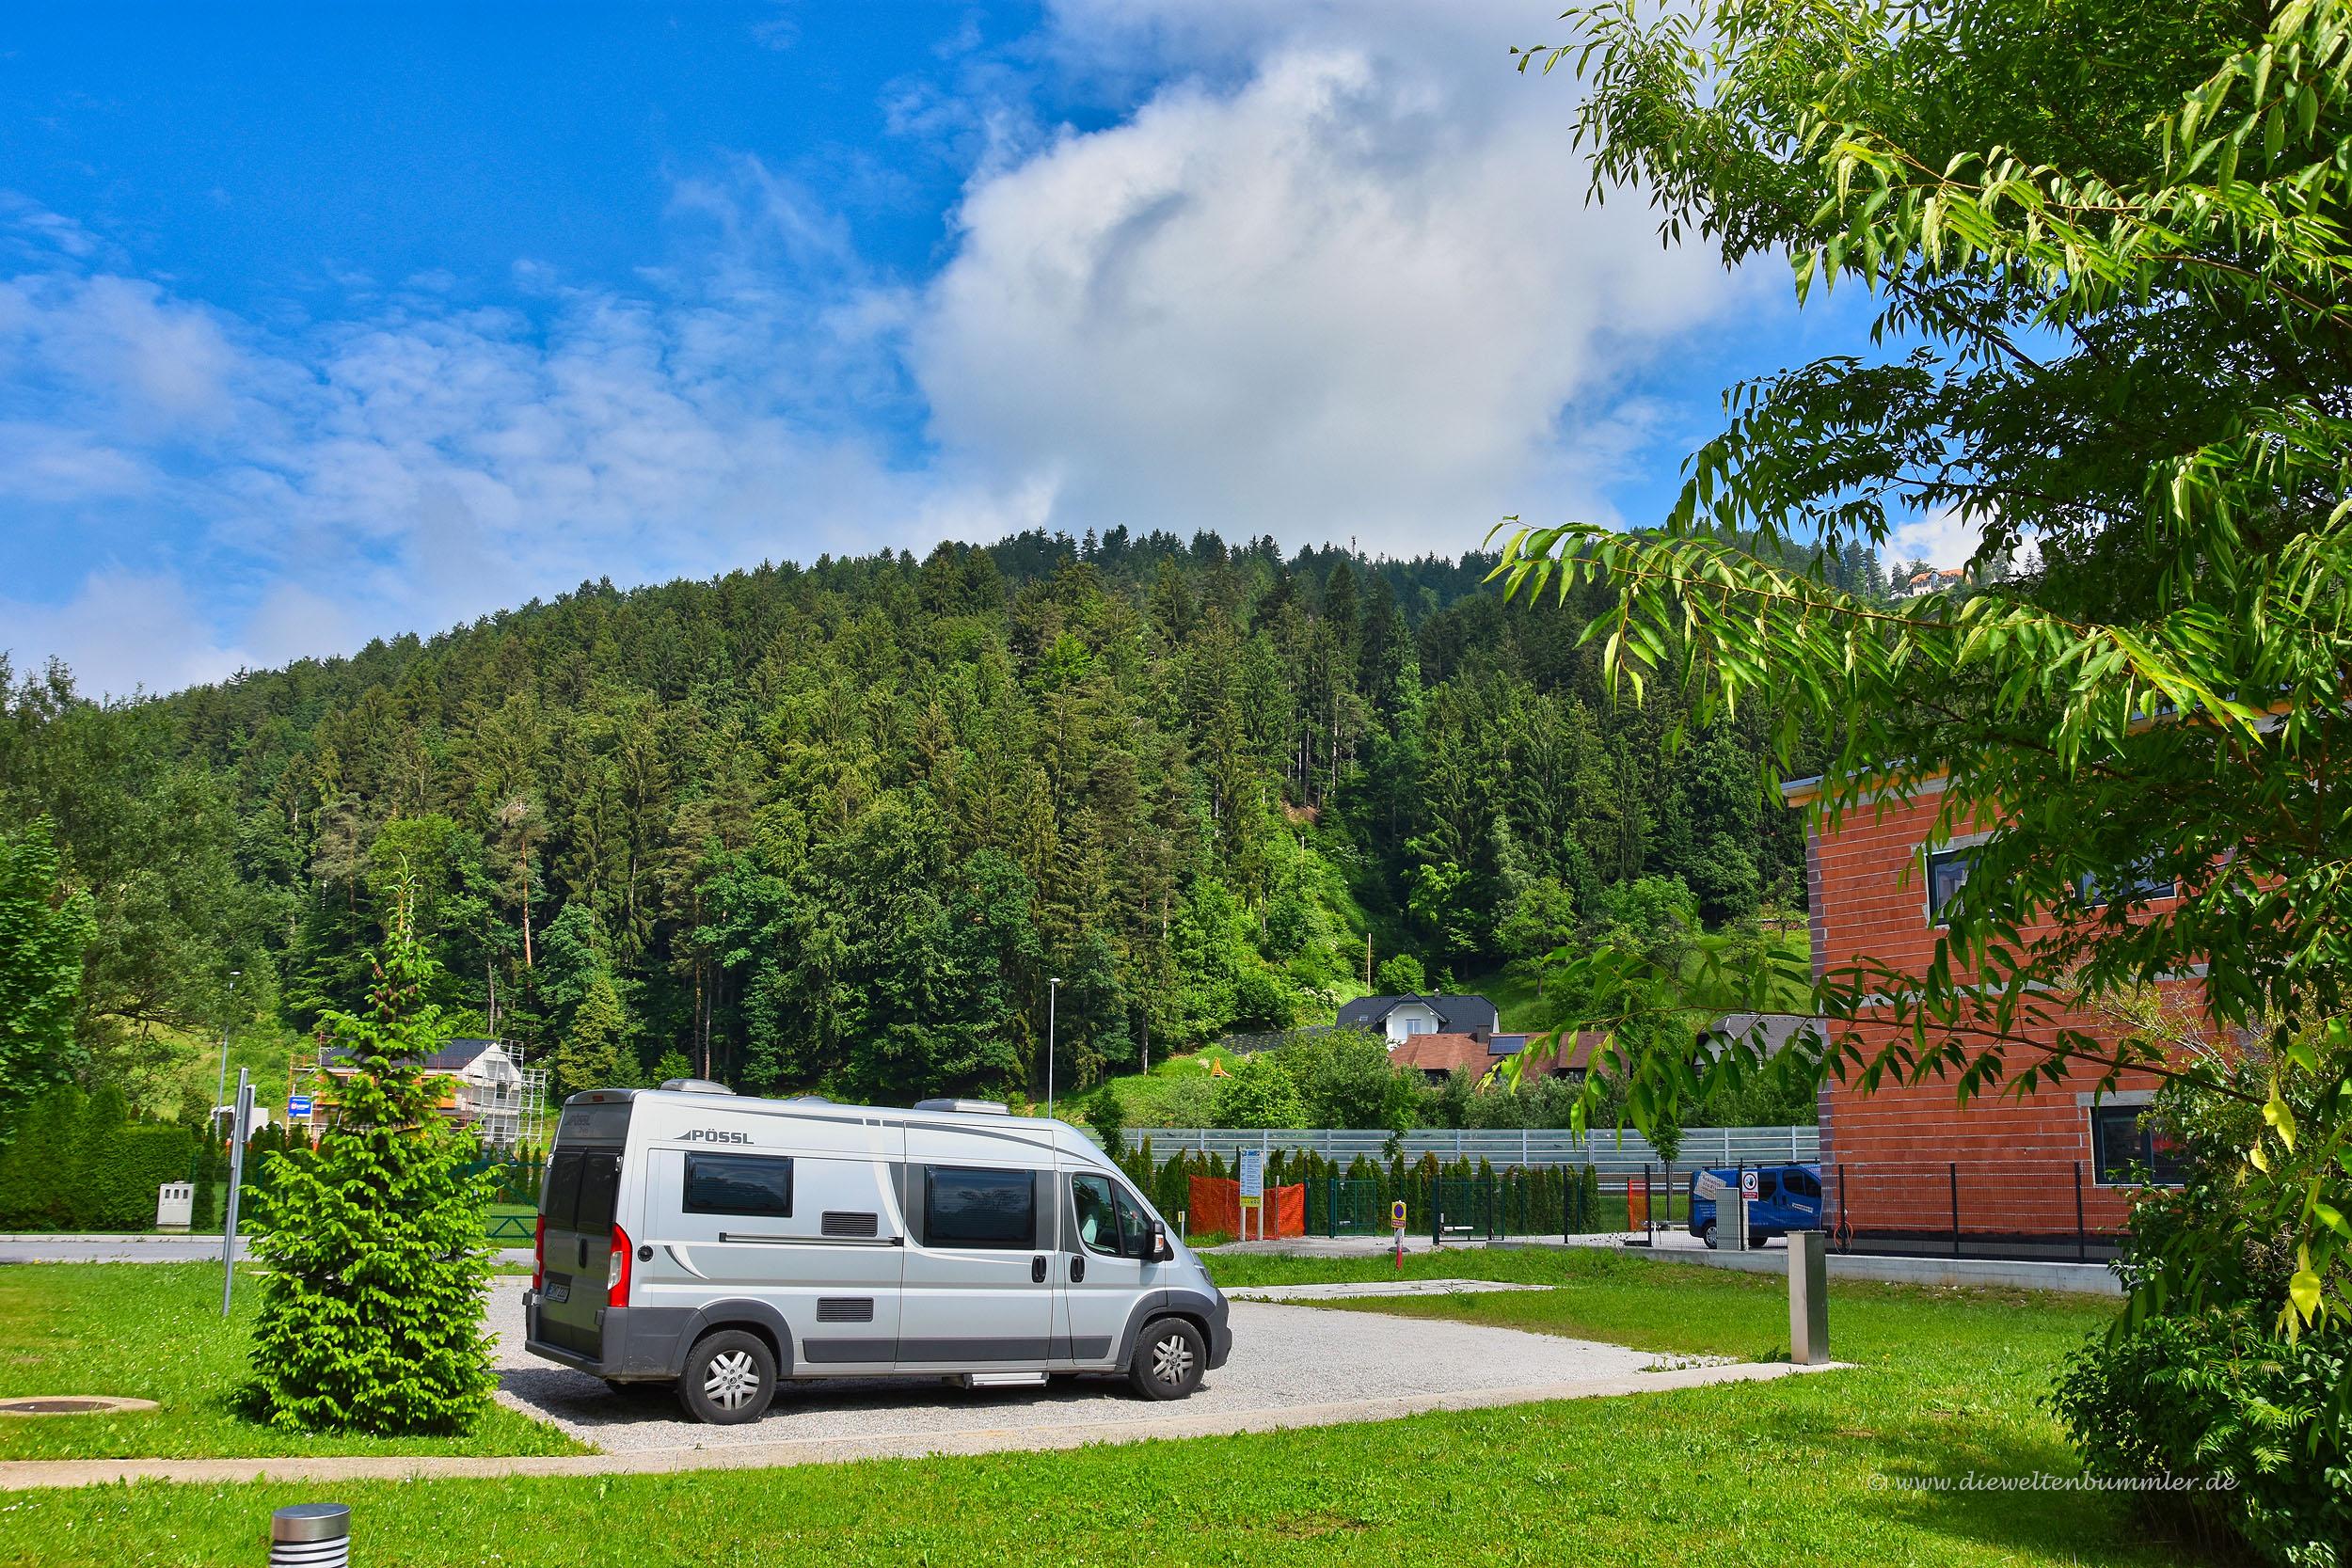 Wohnmobilstellplatz am Hostel in Slovenj Gradec